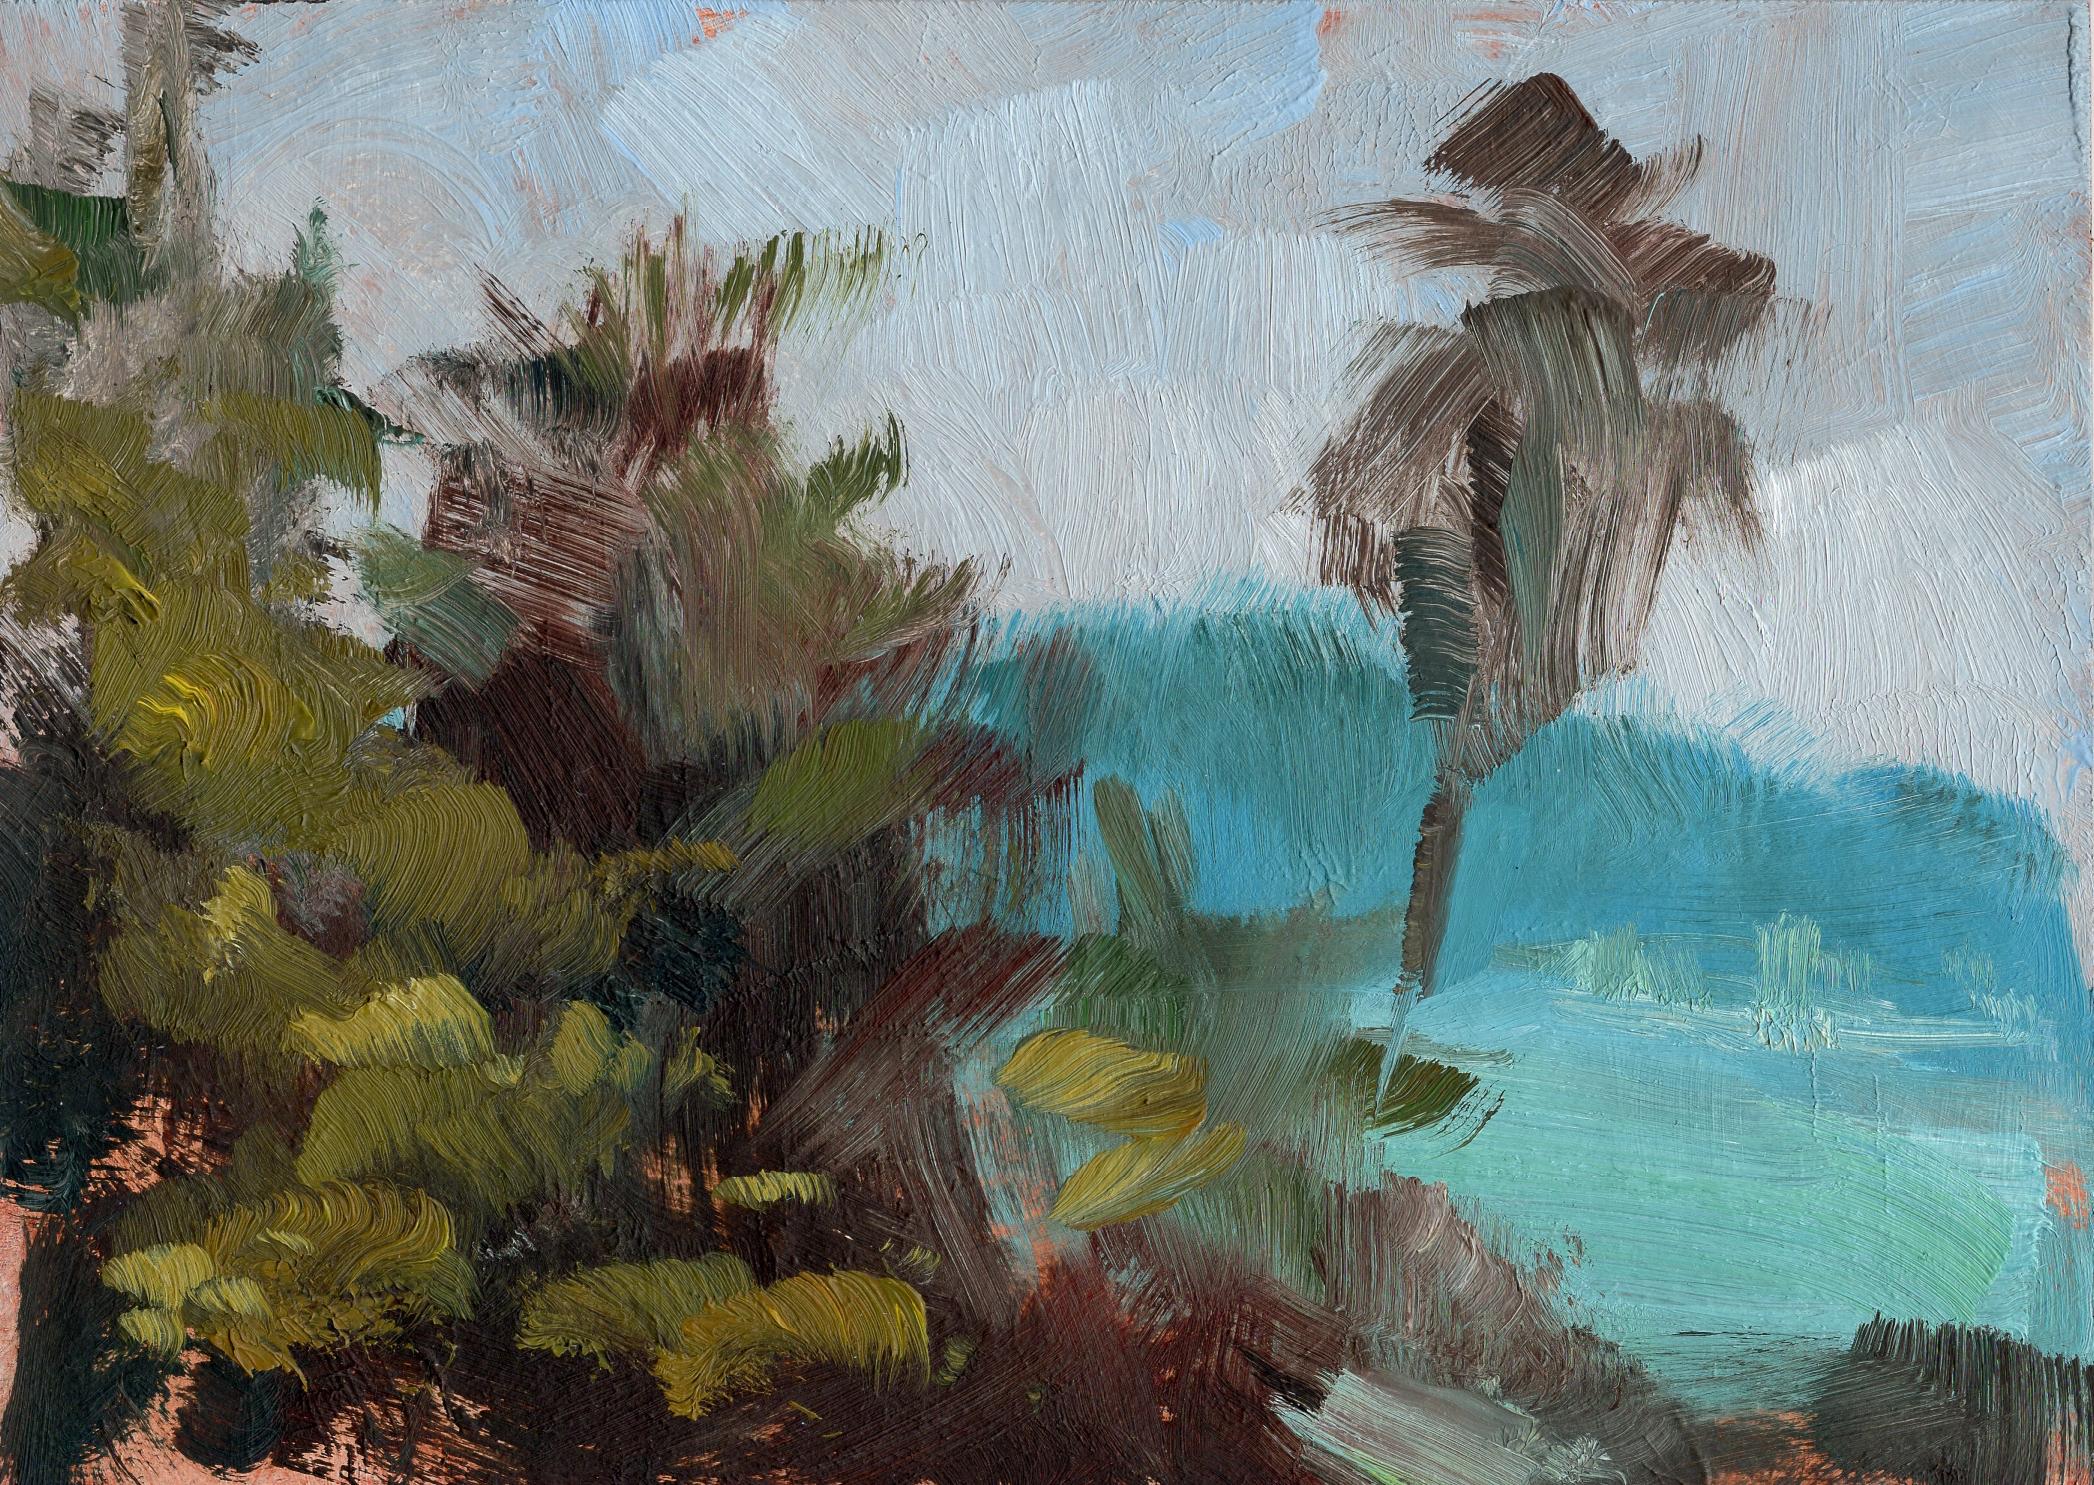 laguna beach (oil)